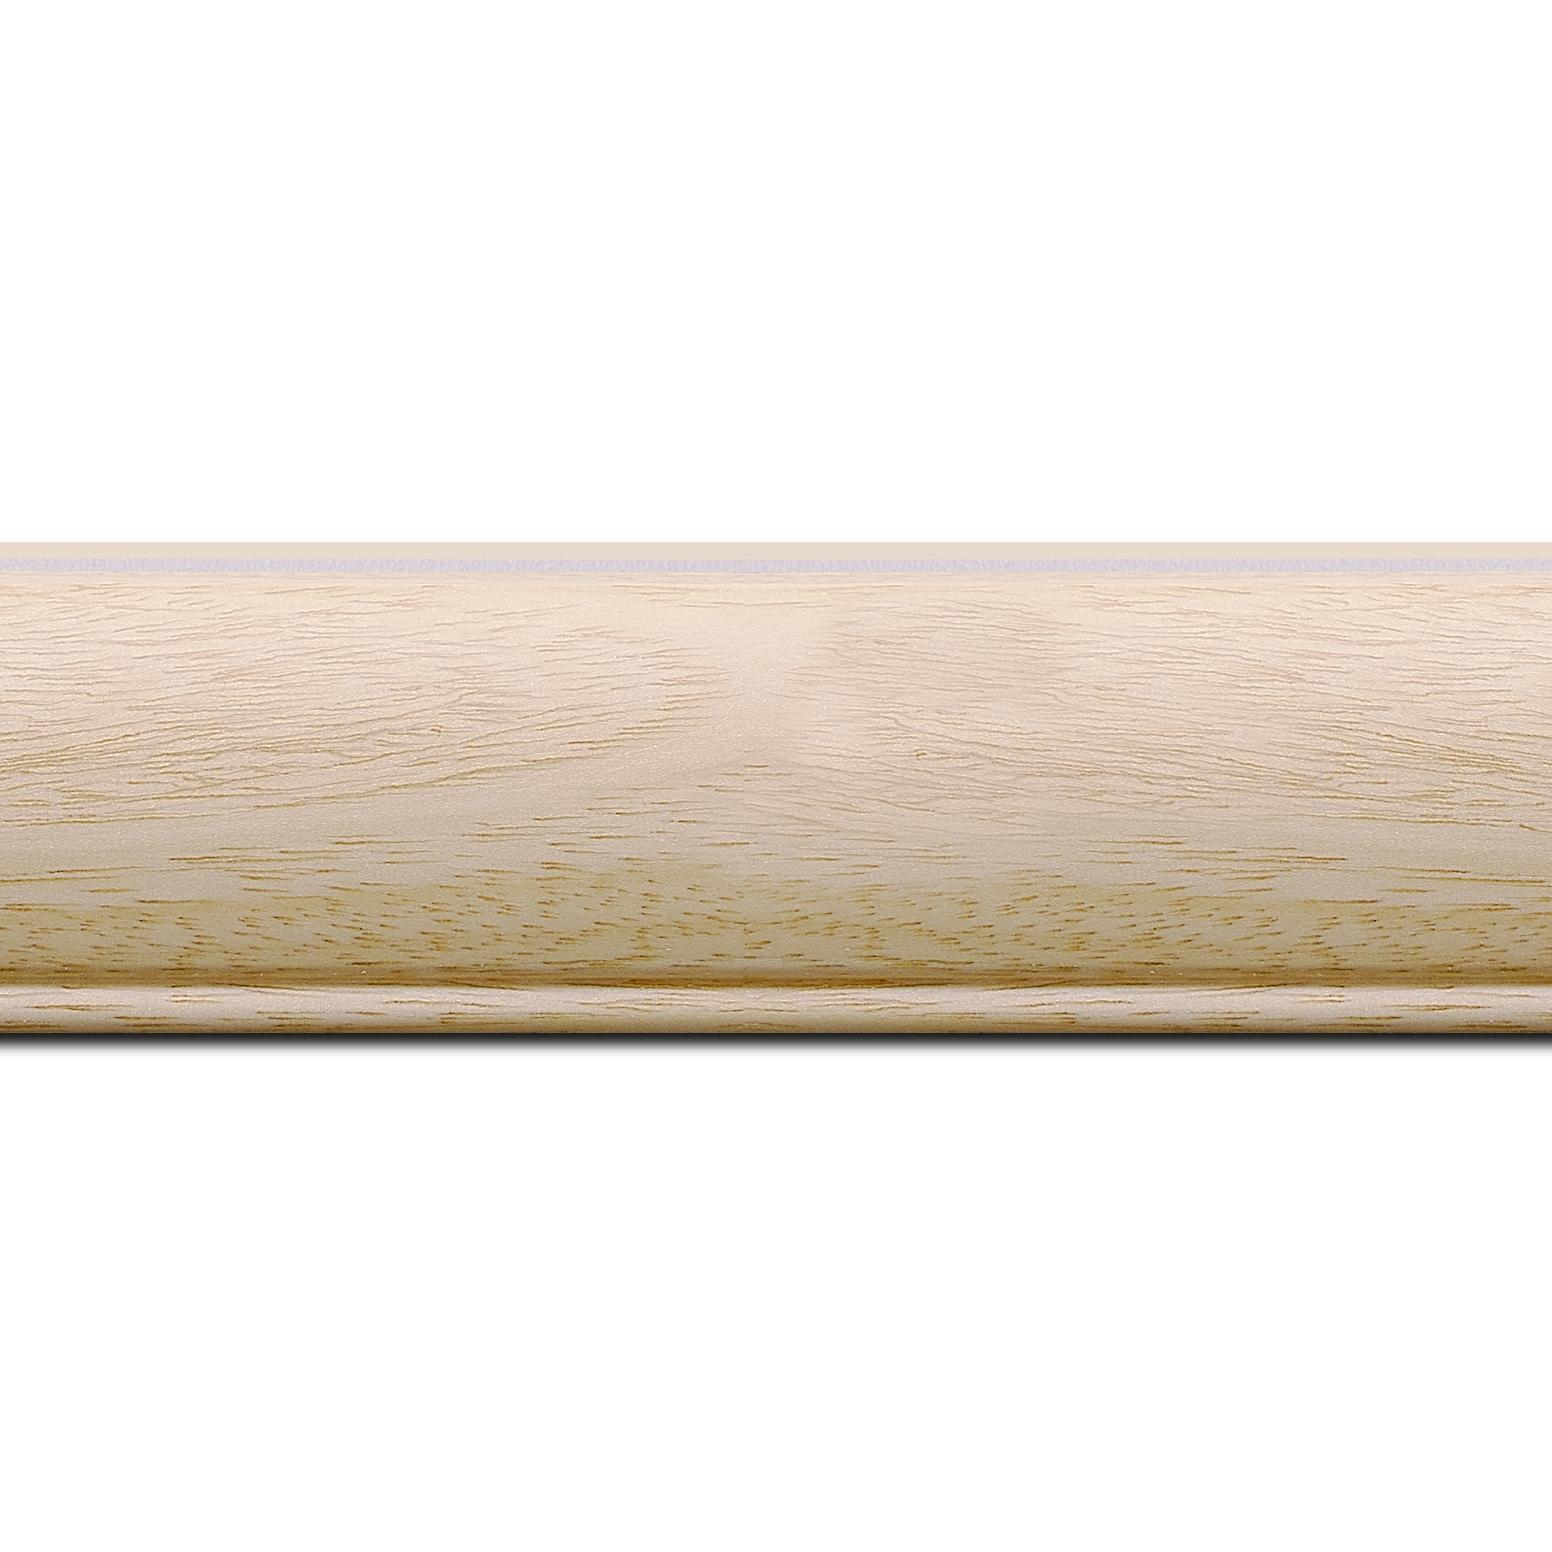 Baguette longueur 1.40m bois profil arrondi largeur 4.7cm ayous massif naturel (sans vernis, peut être peint...)